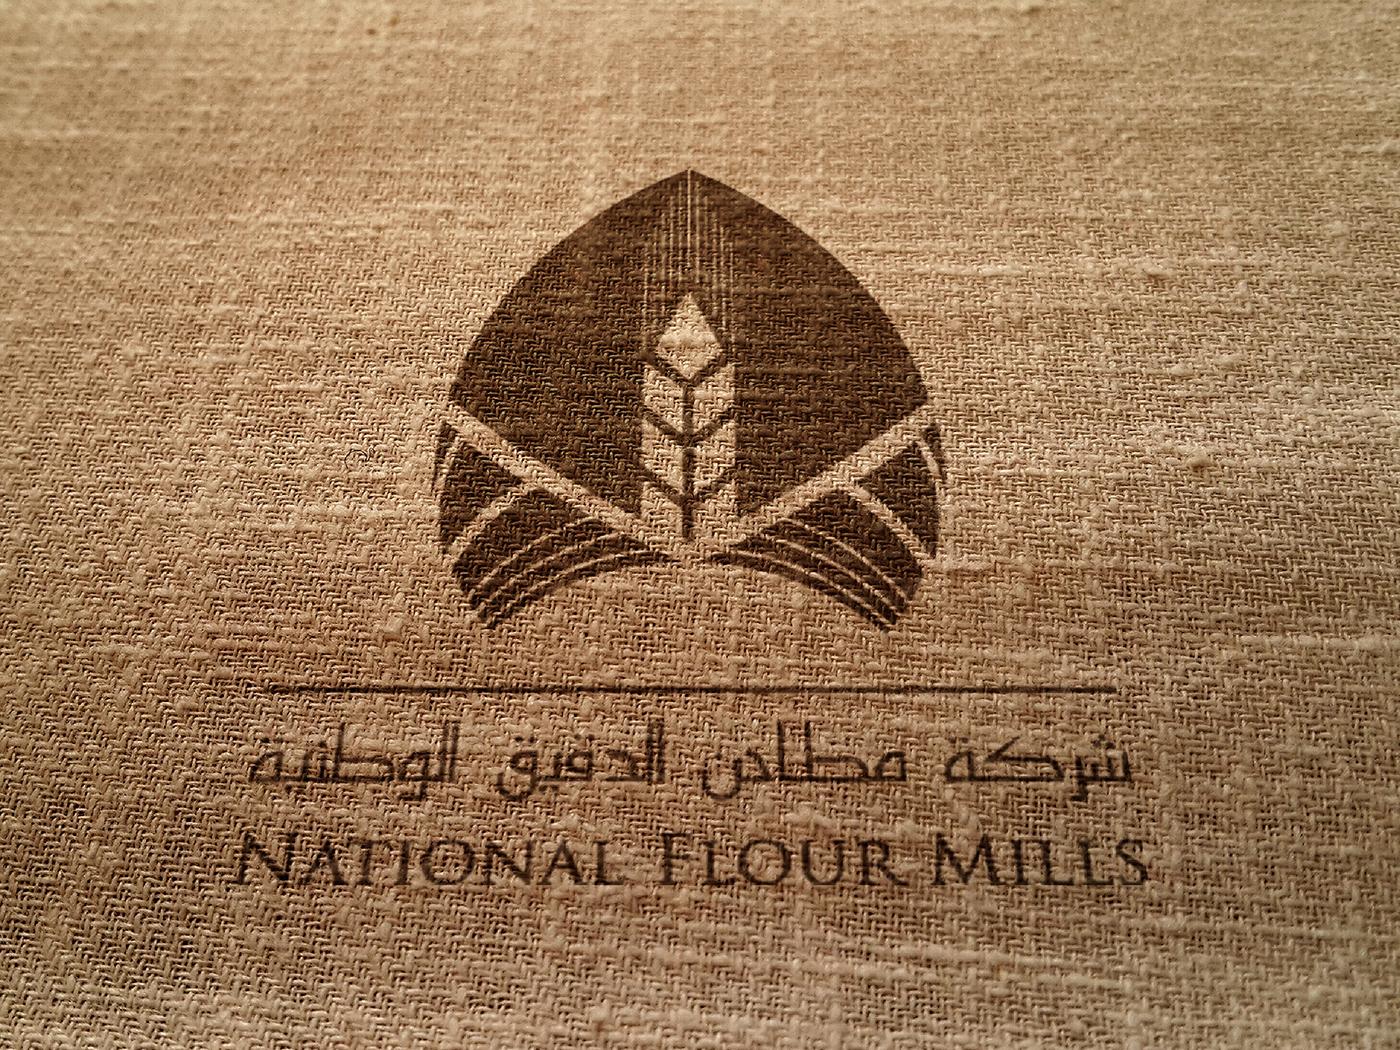 Al Ghurair Group dubai UAE lebanon tripoli Beirut Food  mills flour wheat rebranding NFM Menahan Street Band Flour Bags National Flour Mills